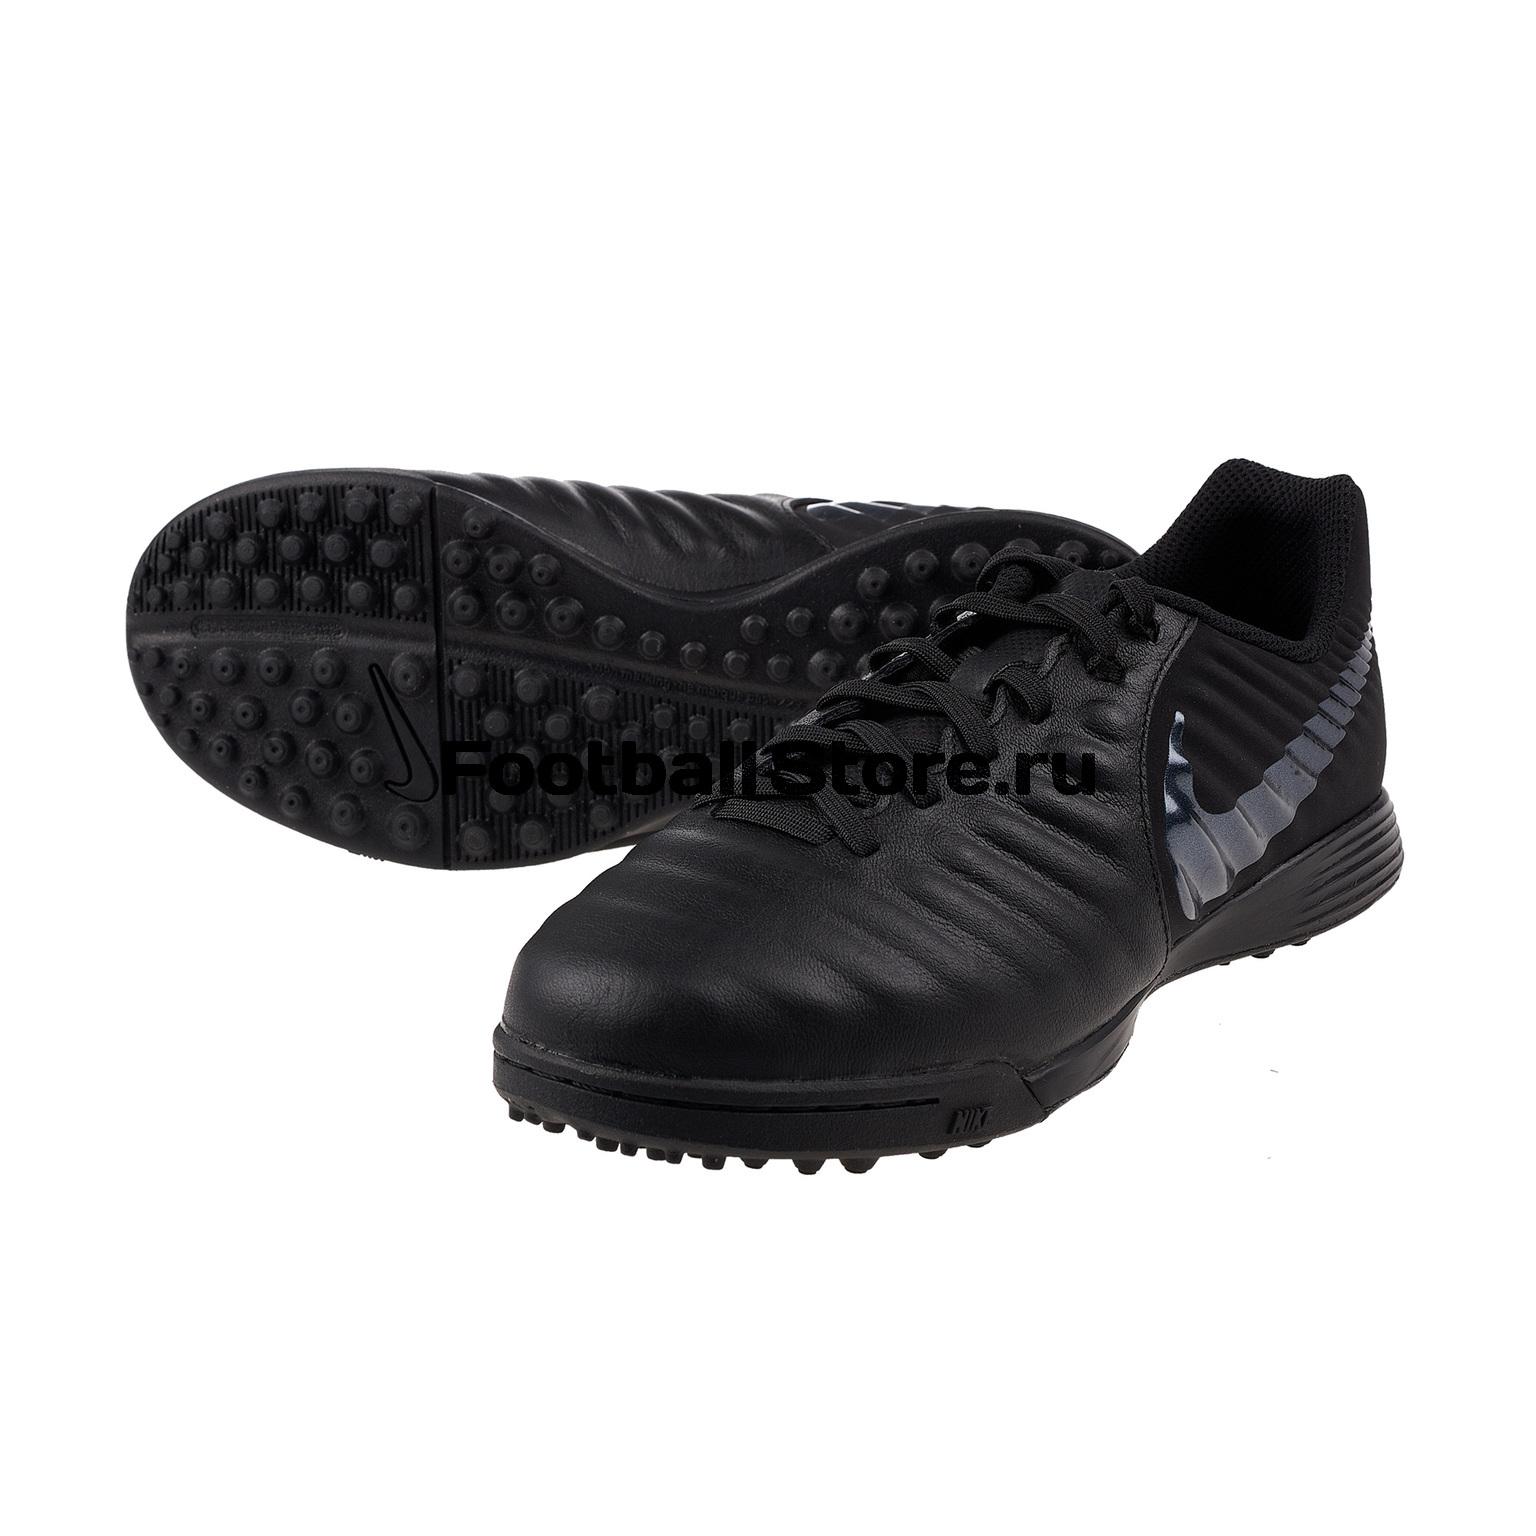 9a2cf905 Шиповки детские Nike Legend X Academy TF AH7259-001 – купить в ...